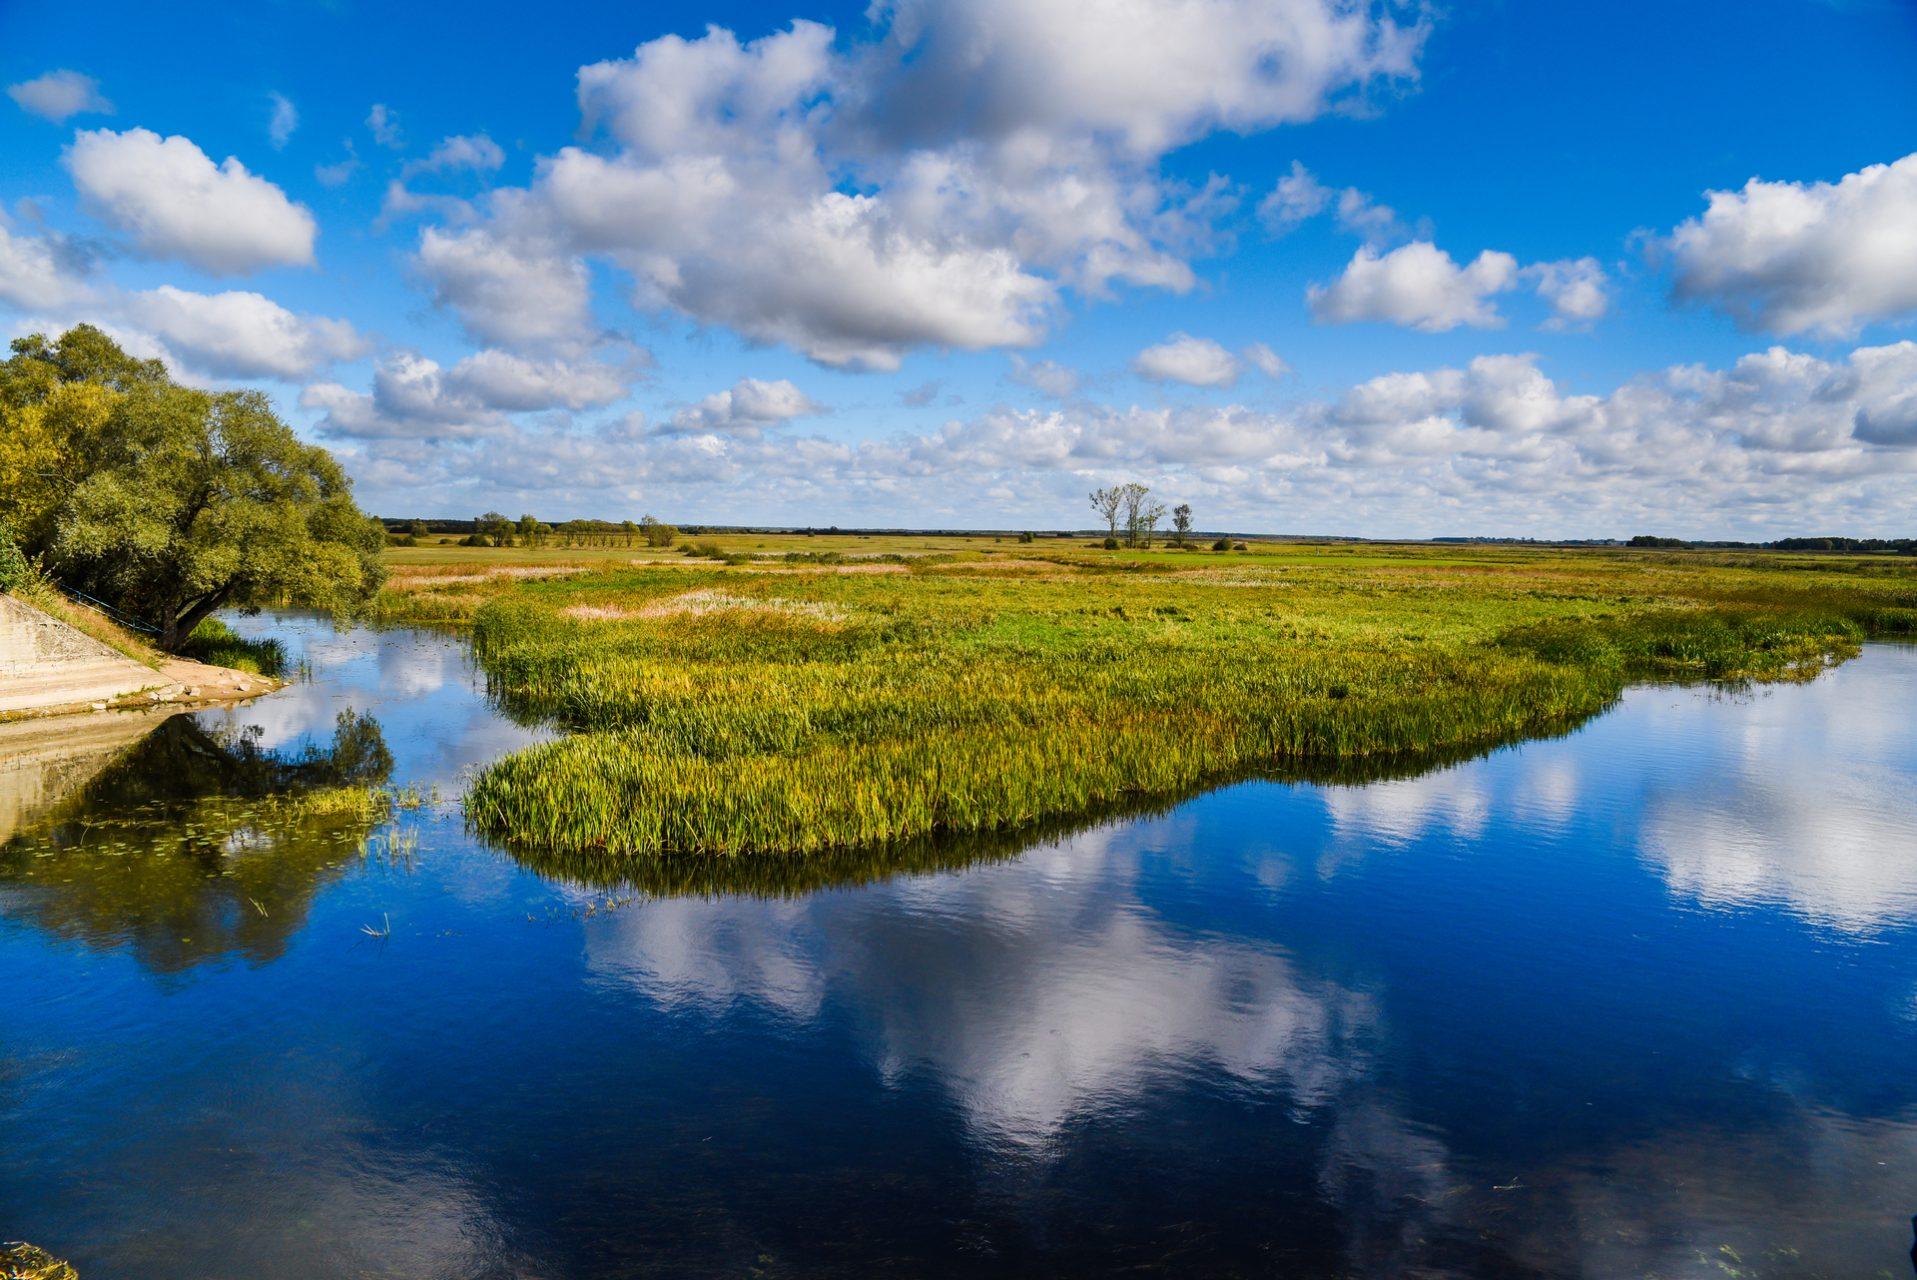 Parki Narodowe Nie Uwierzysz Co Stworzyła Natura Top 13